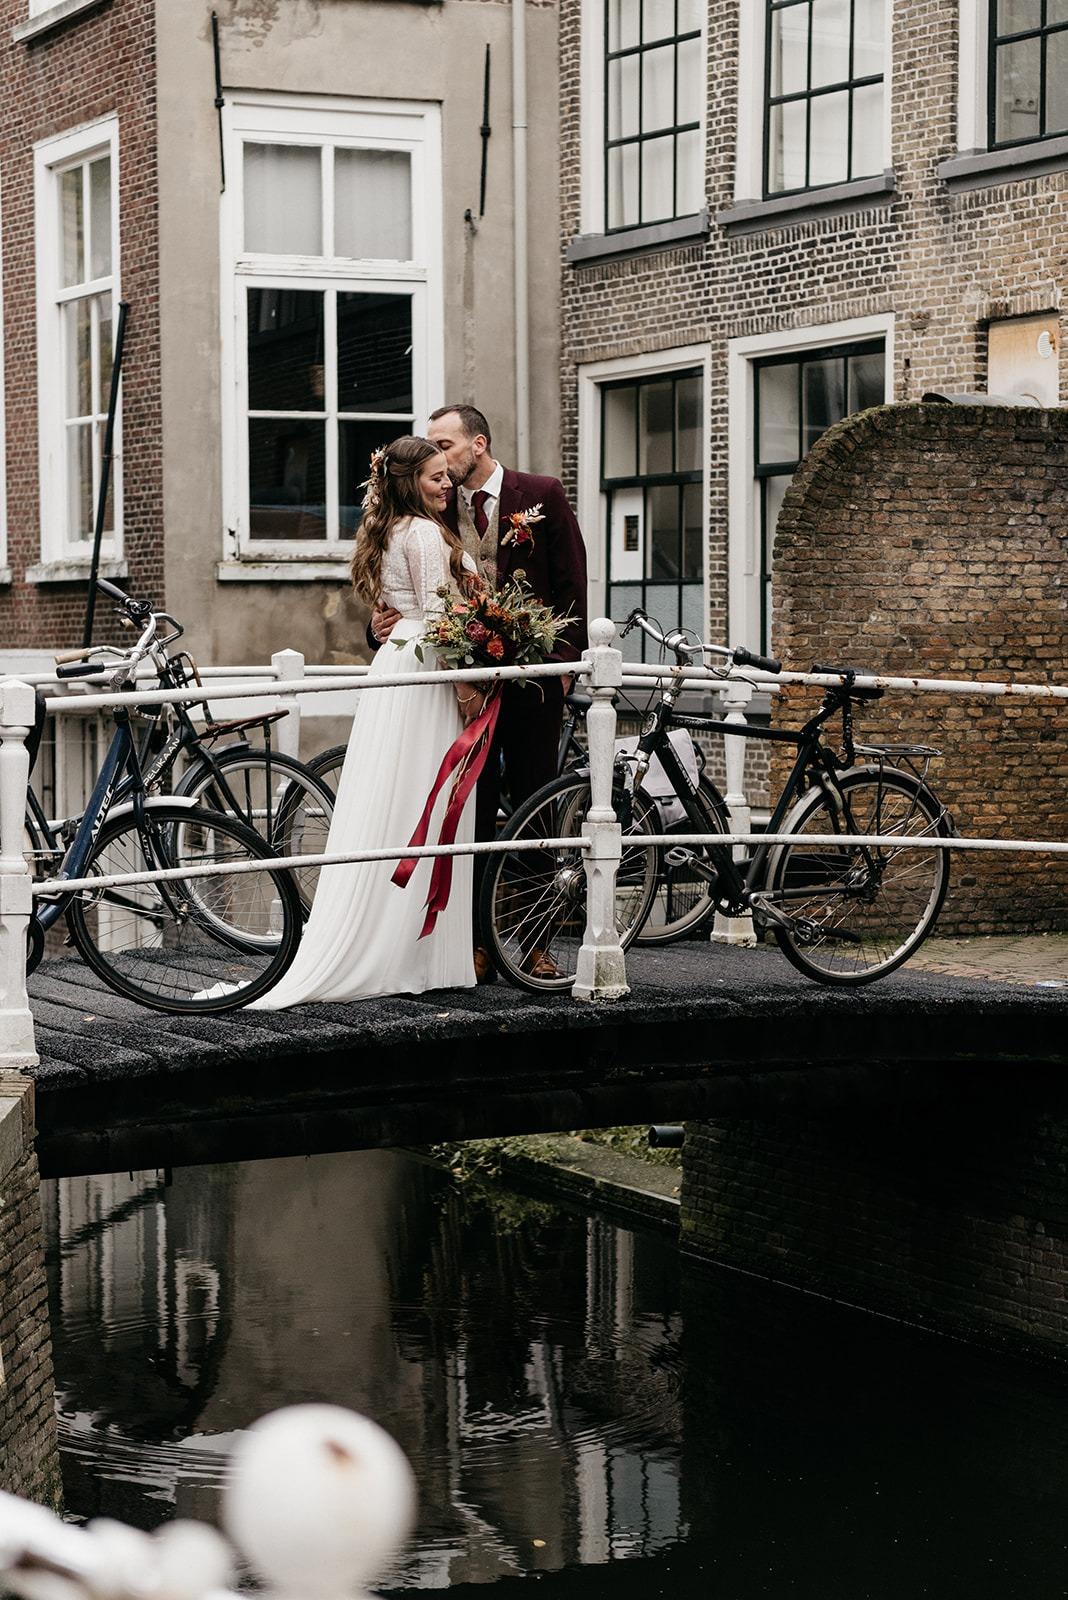 Bruidspaar bij de grachten in Delft.